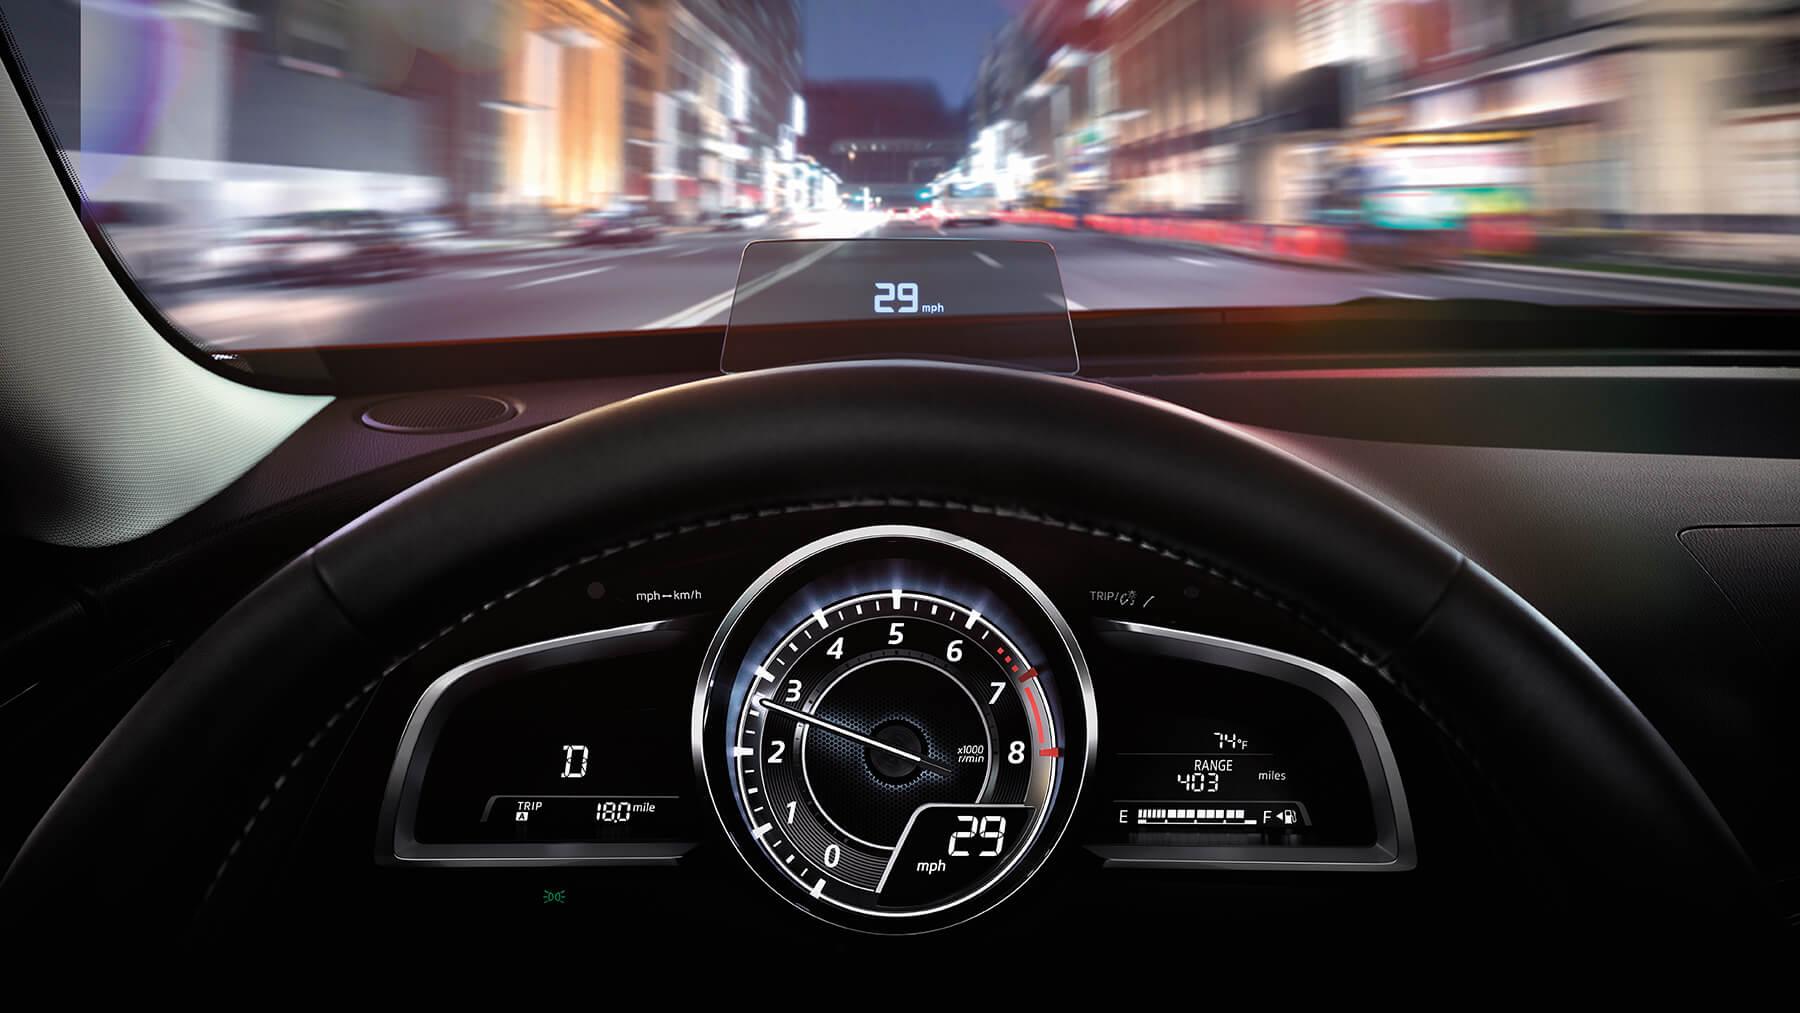 2017 Mazda CX-3 Crossover - View Pictures & Videos | Mazda USA